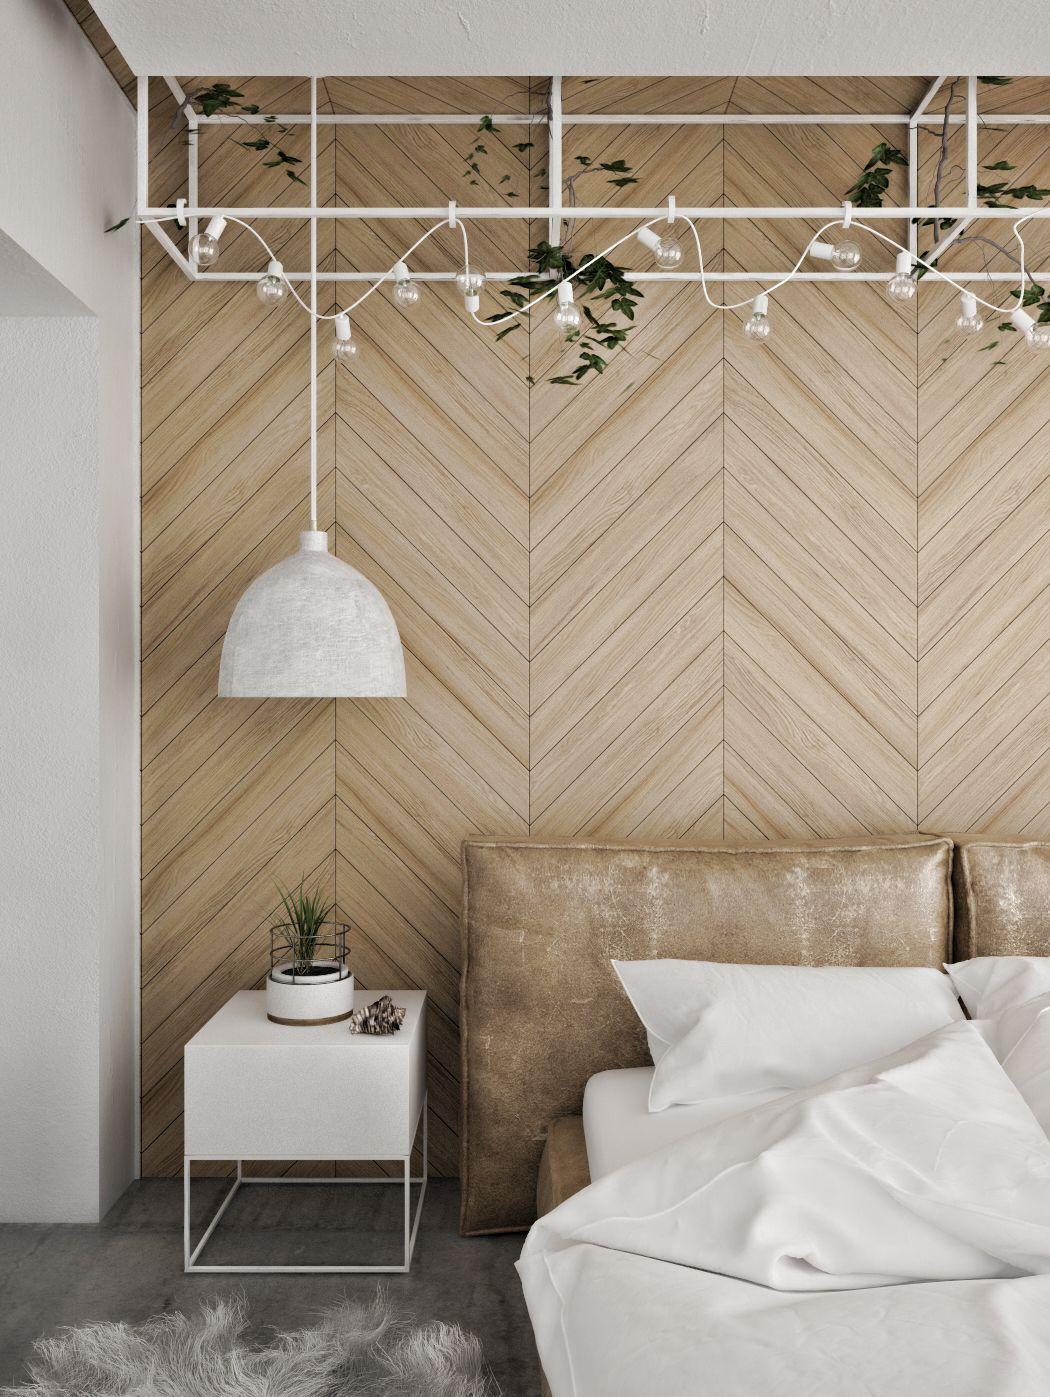 op zoek naar inspiratie voor een mooie en stoere slaapkamer klik hier en kom binnenkijken in deze geweldige slaapkamer